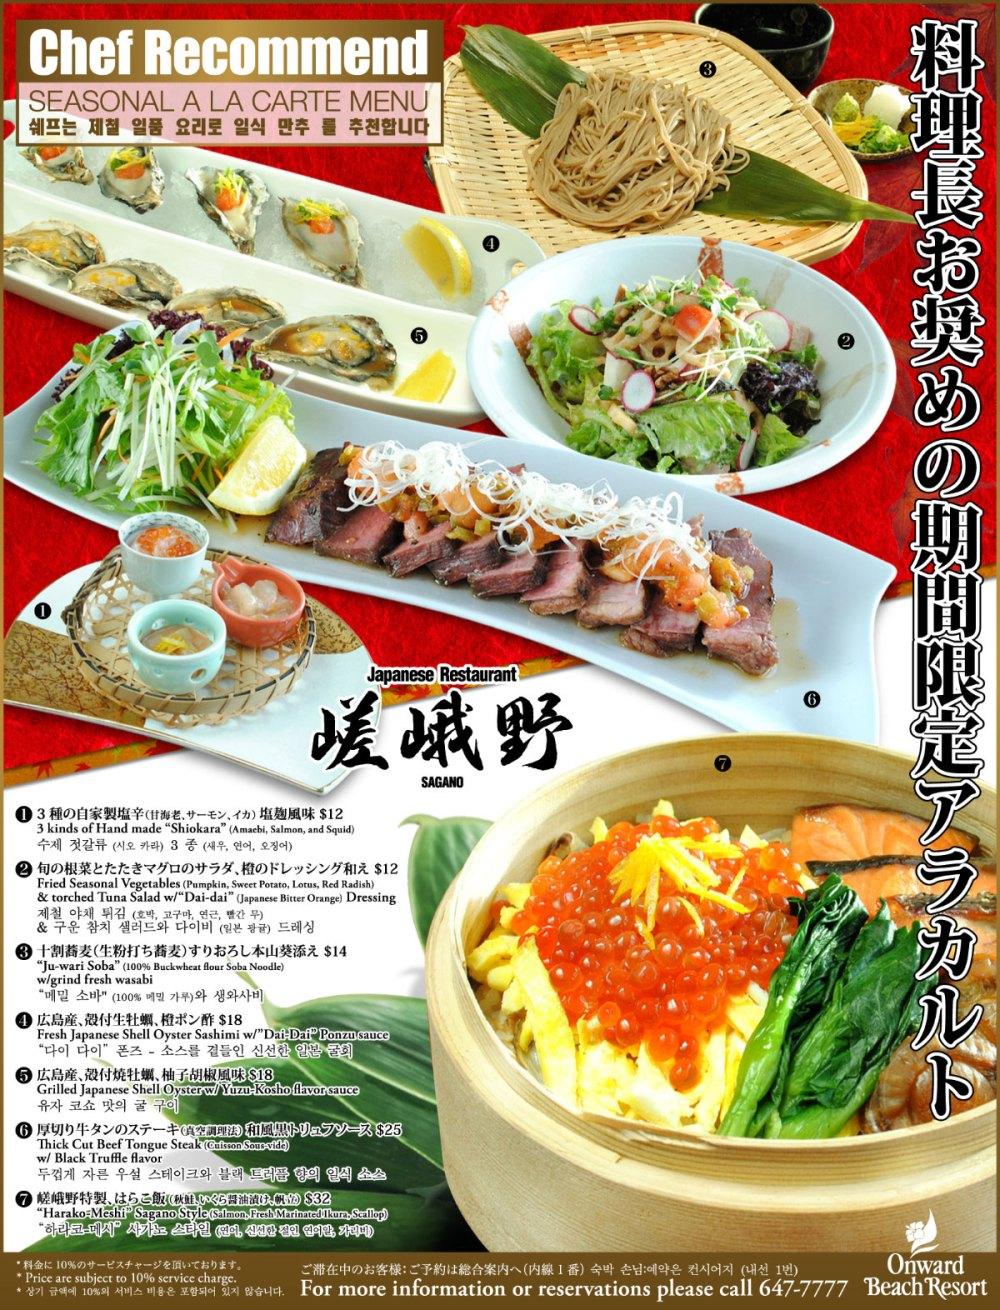 日本料理 嵯峨野 料理長おすすめの期間限定アラカルト